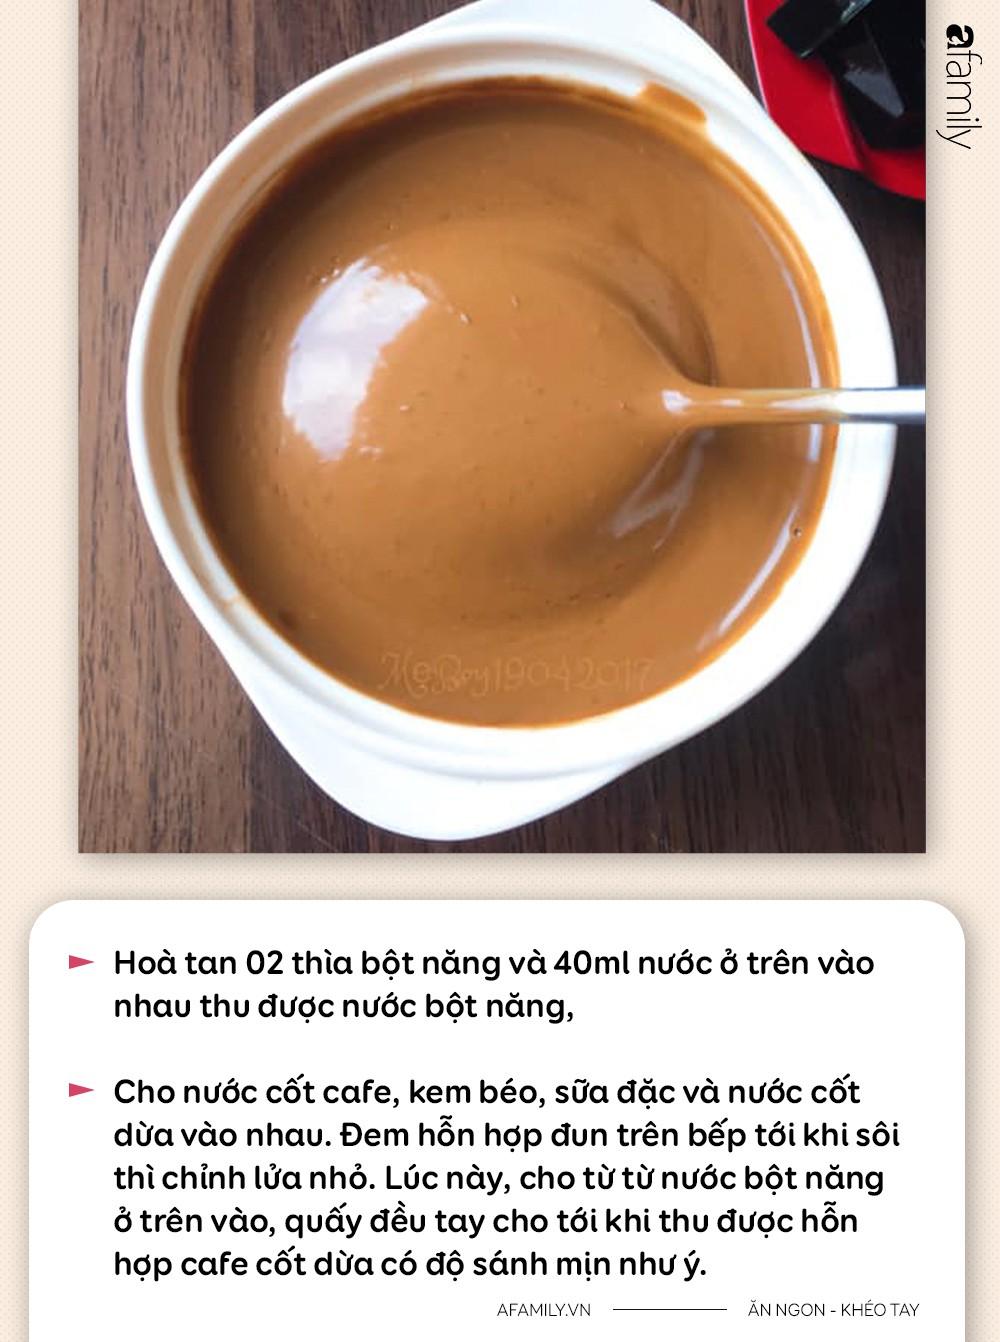 Hội chị em đang phát cuồng vì món cafe cốt dừa - bạn đã update chưa? - Ảnh 2.